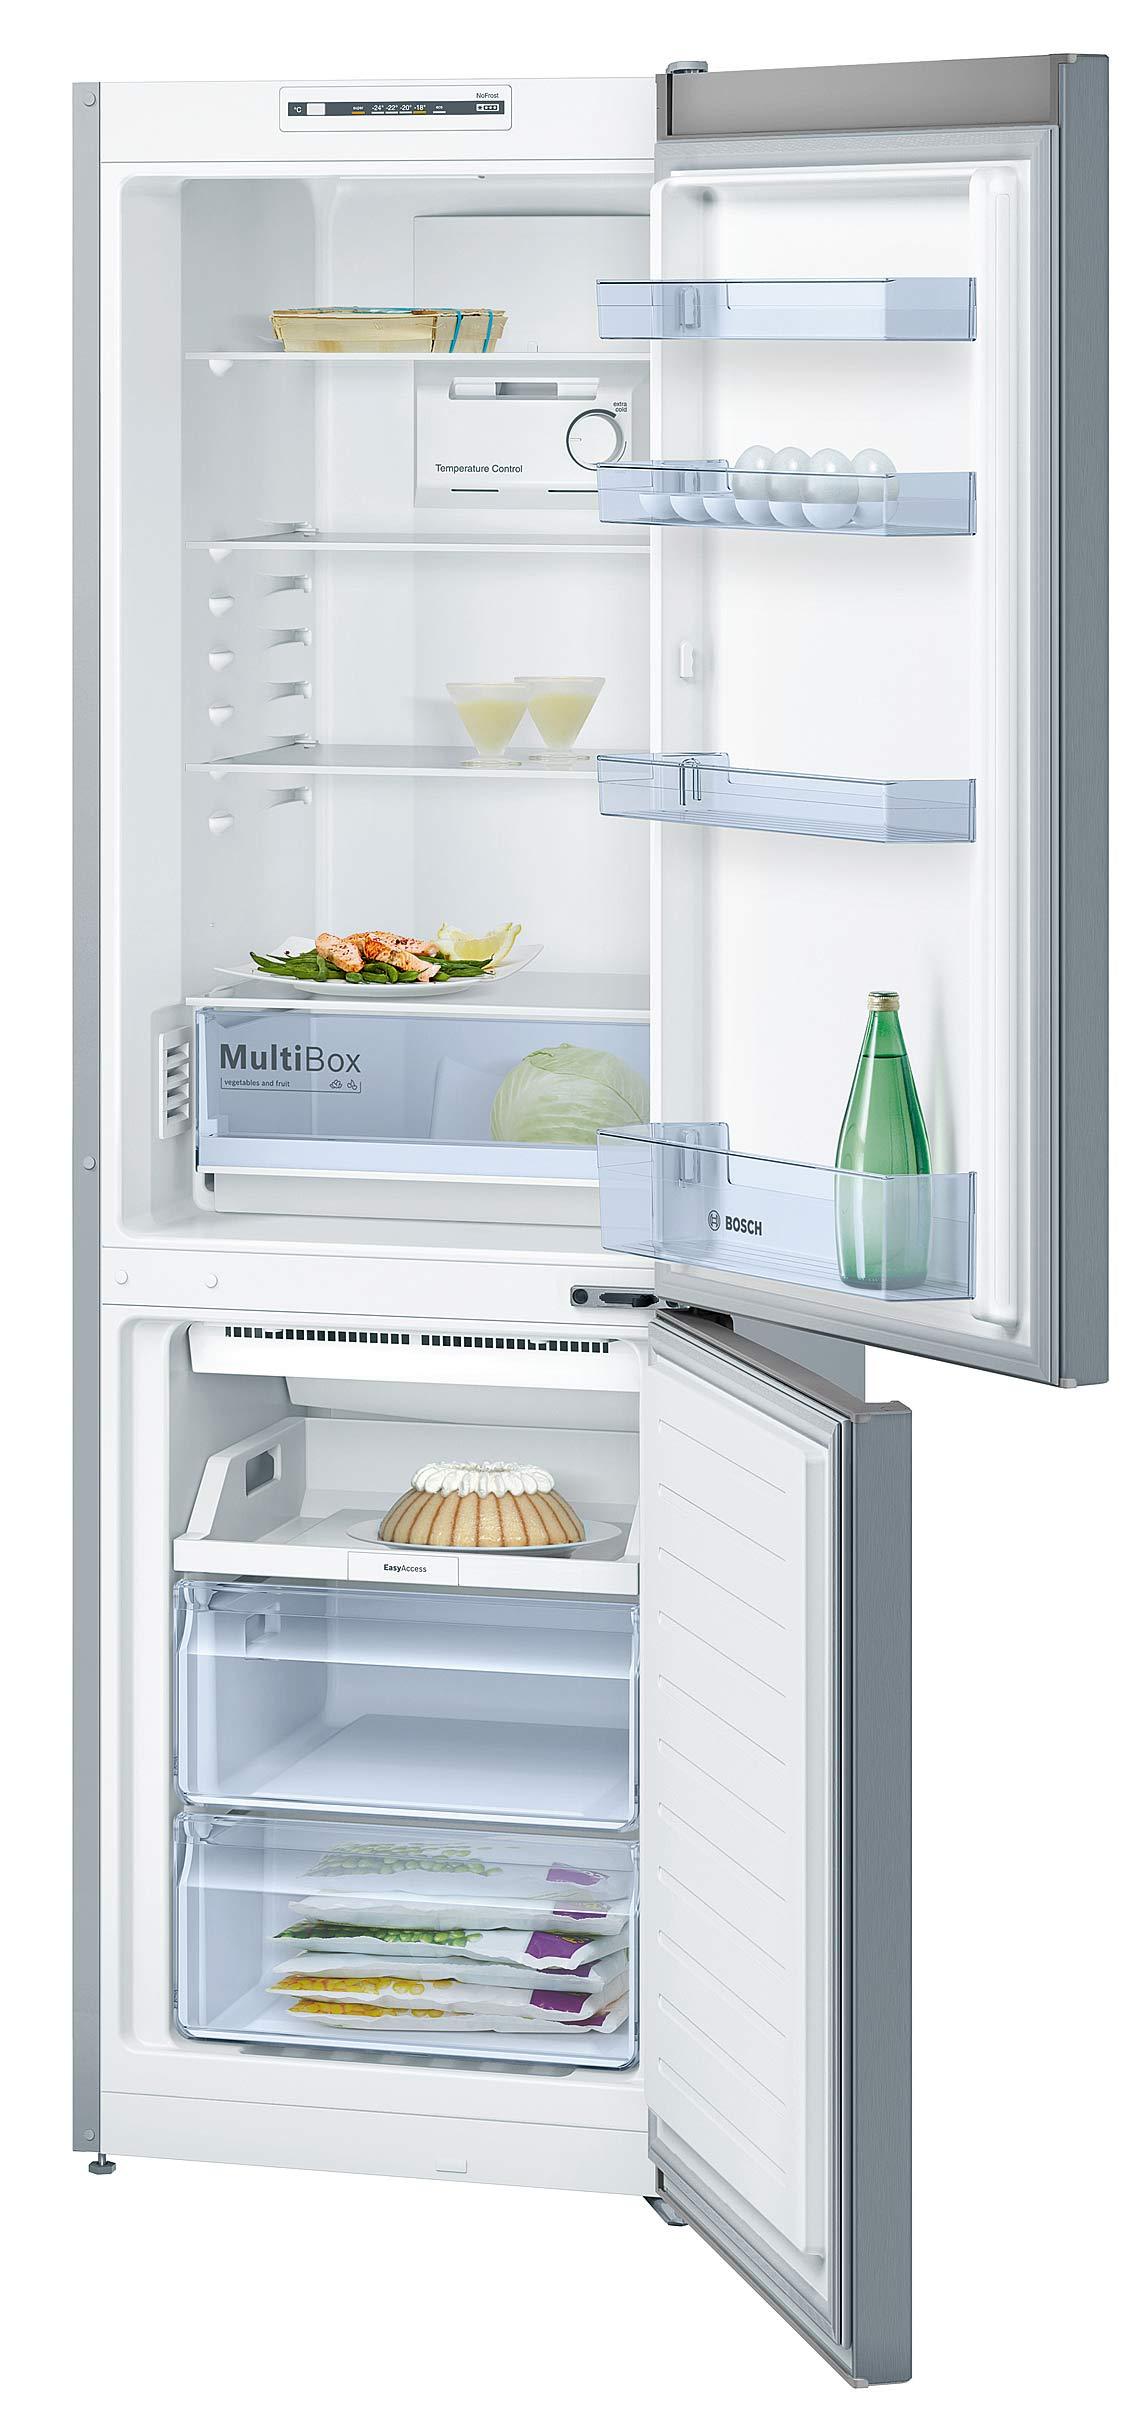 meilleur refrigerateur inox largeur pas cher. Black Bedroom Furniture Sets. Home Design Ideas